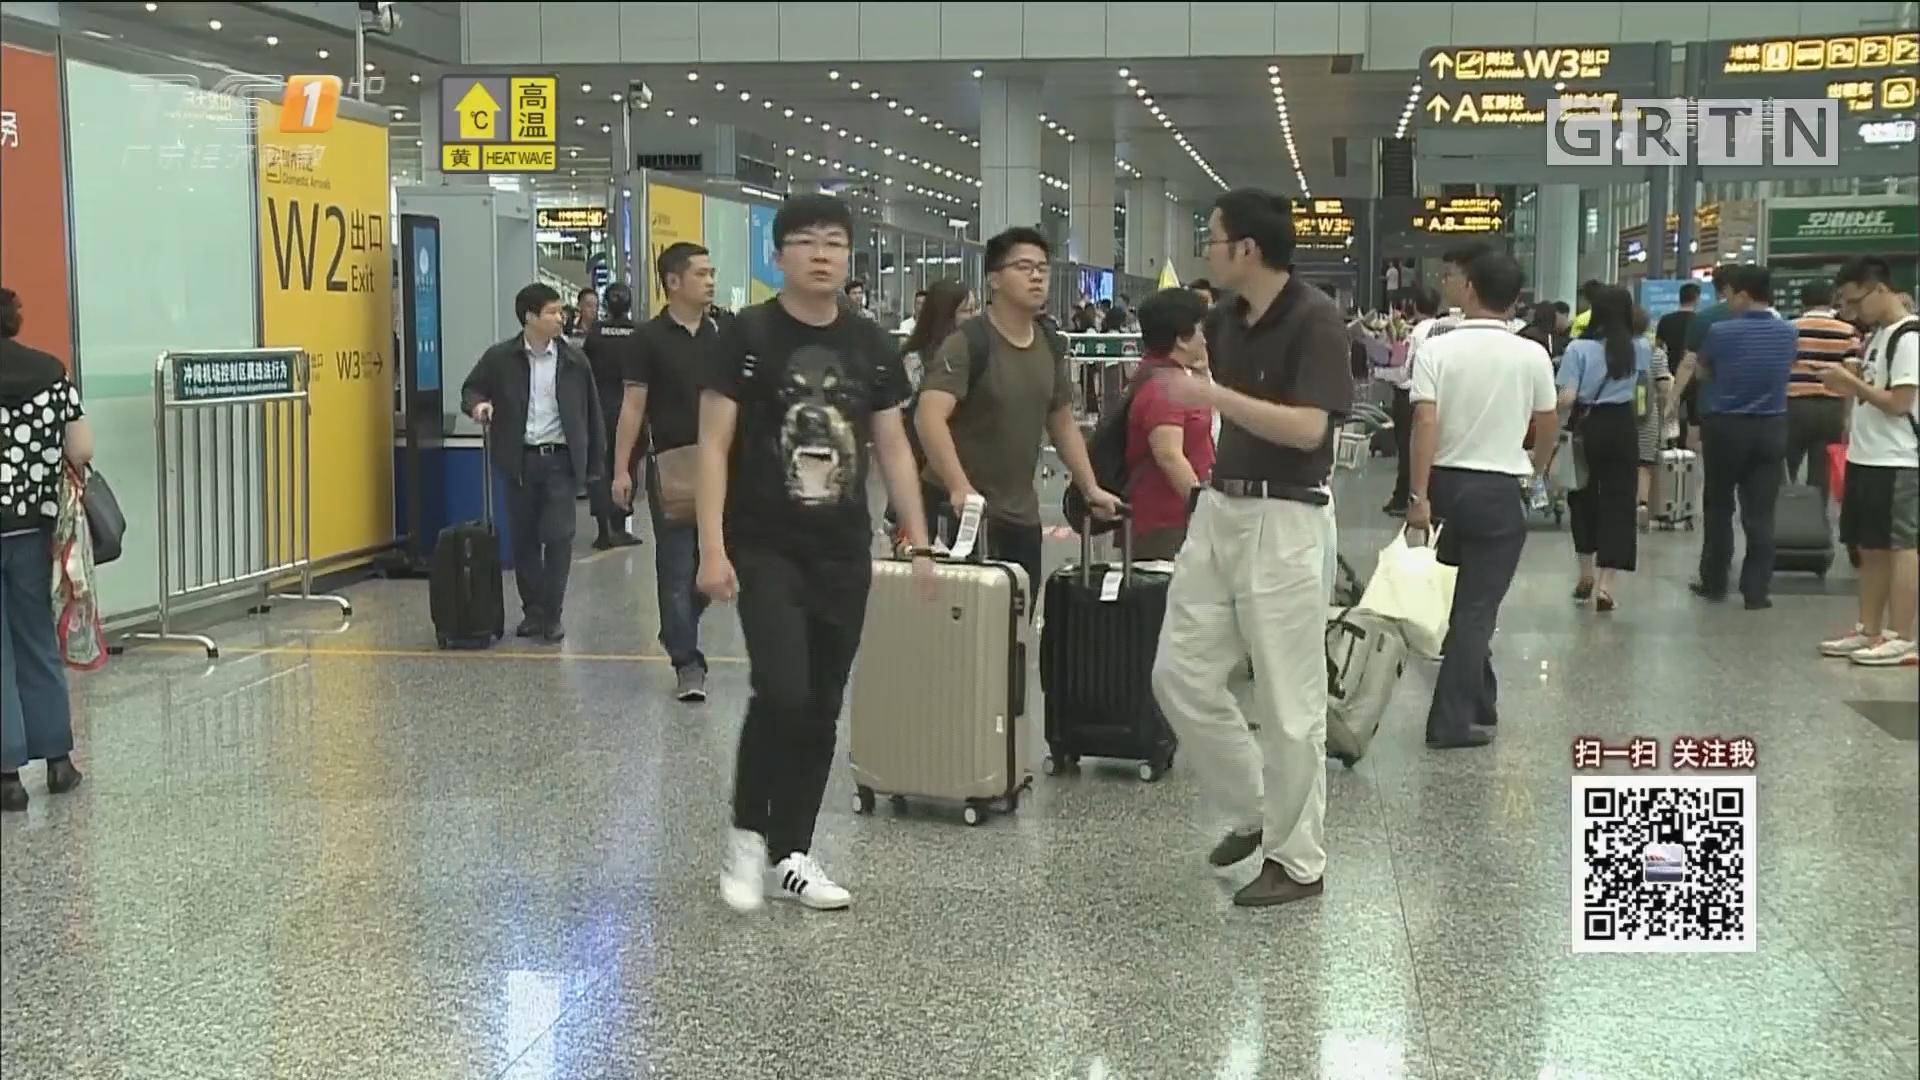 赴四川游客陆续返穗 谈及地震仍心有余悸